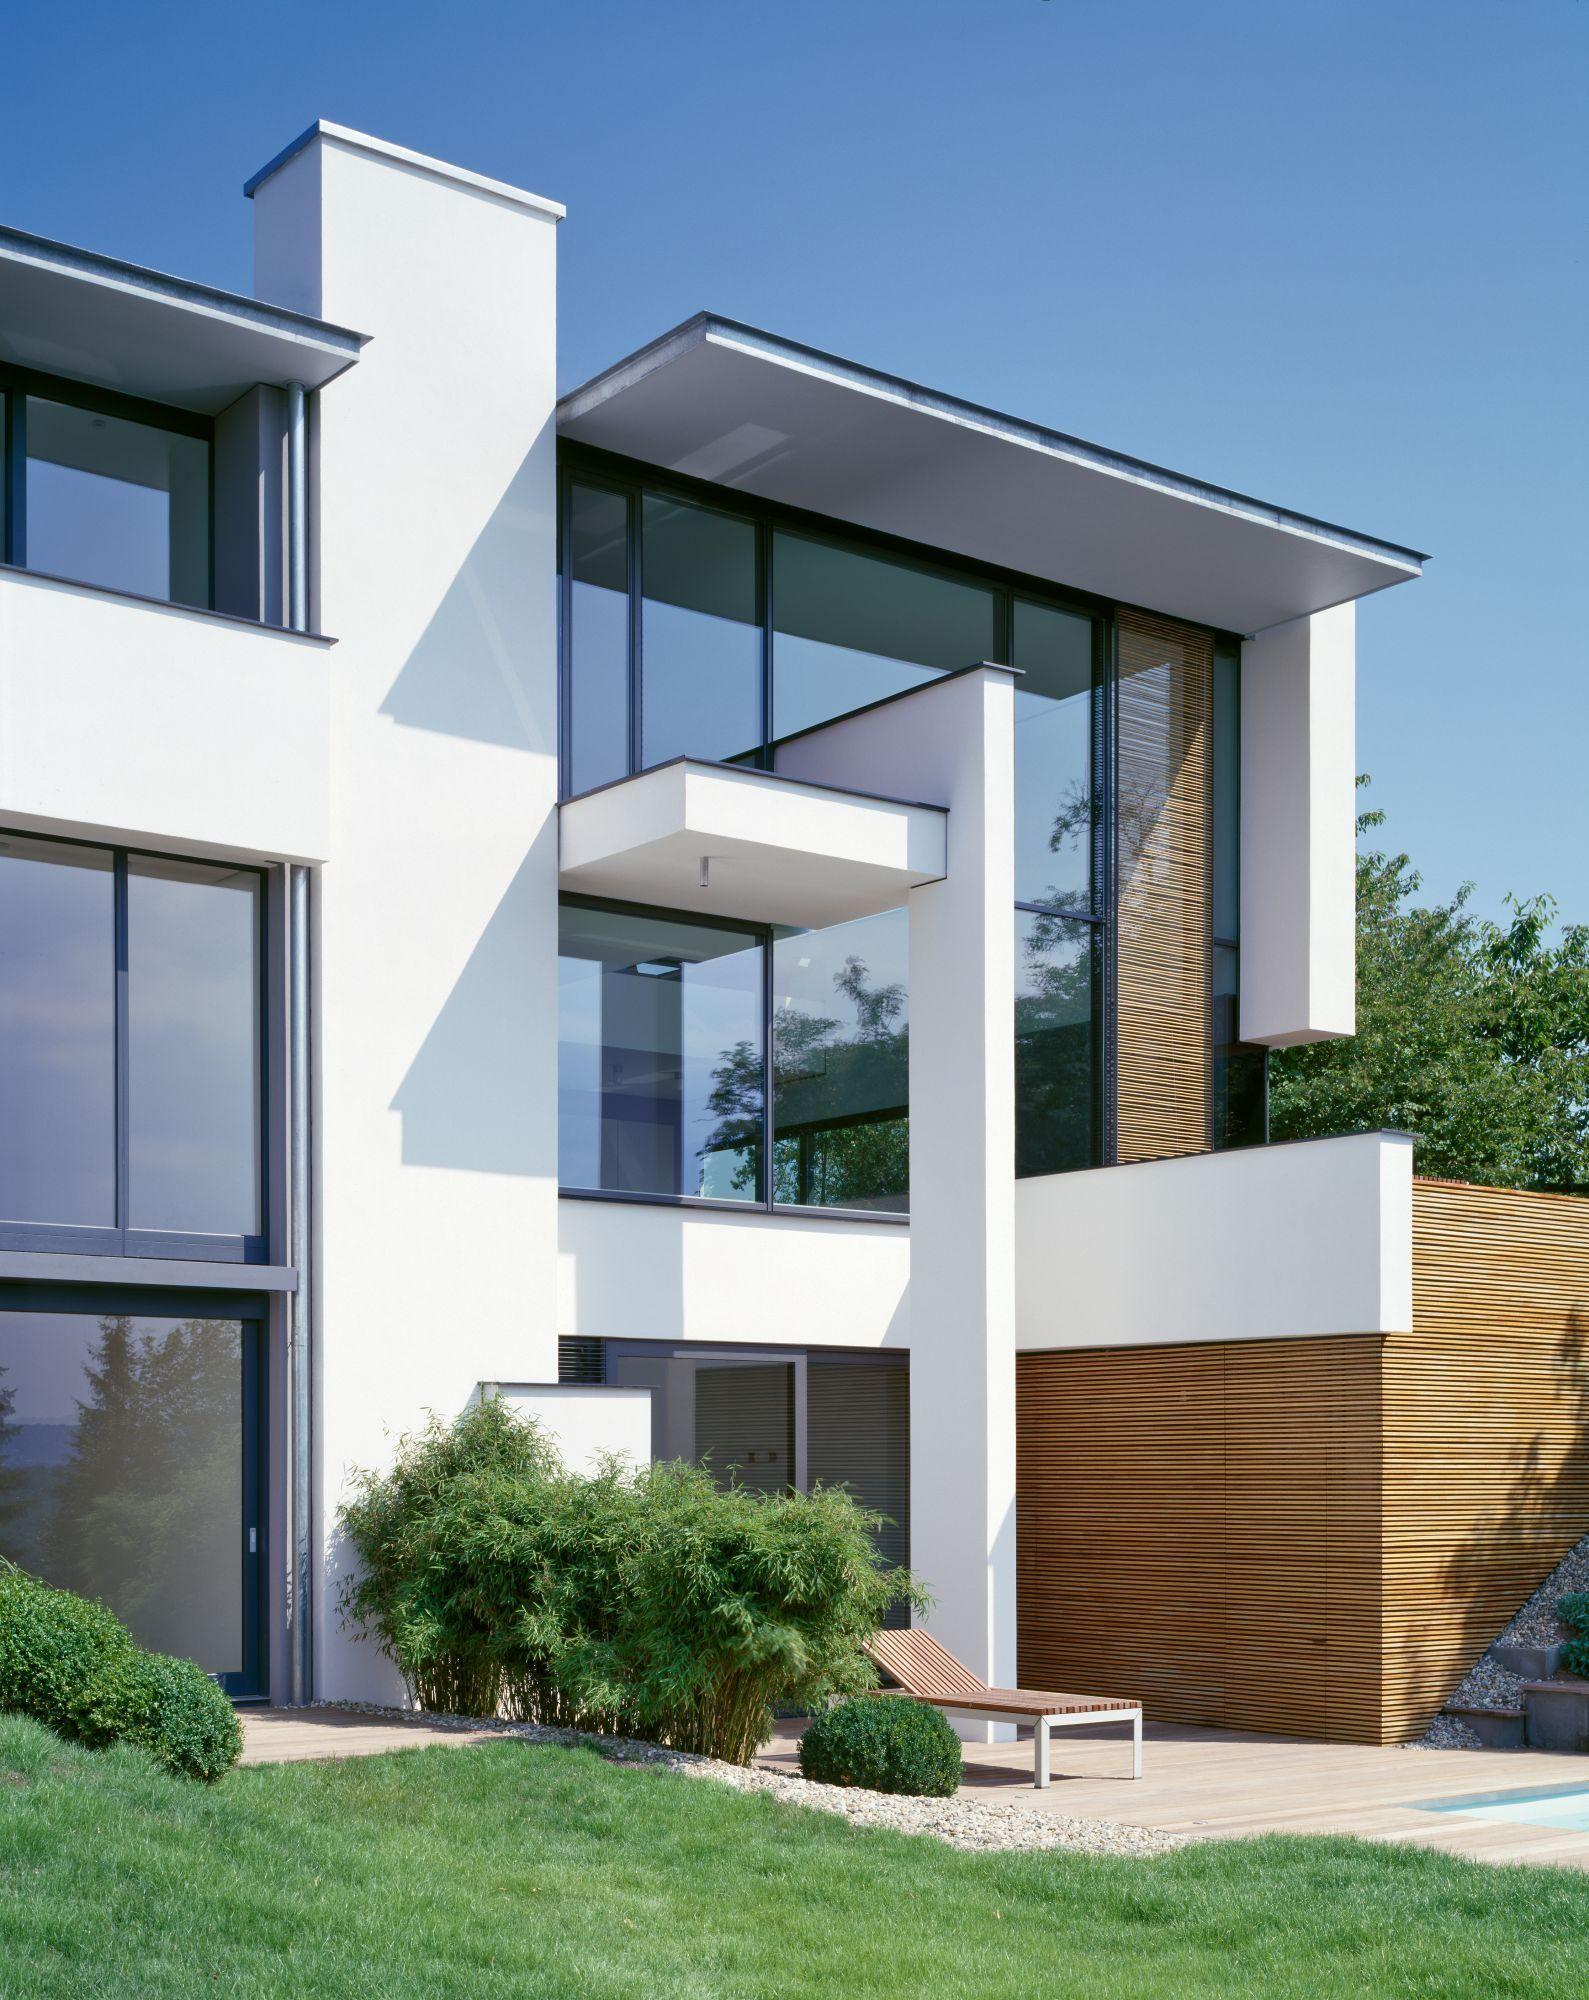 House Miki 1 by Alexander Brenner Architekten | Brigida Gonzalez